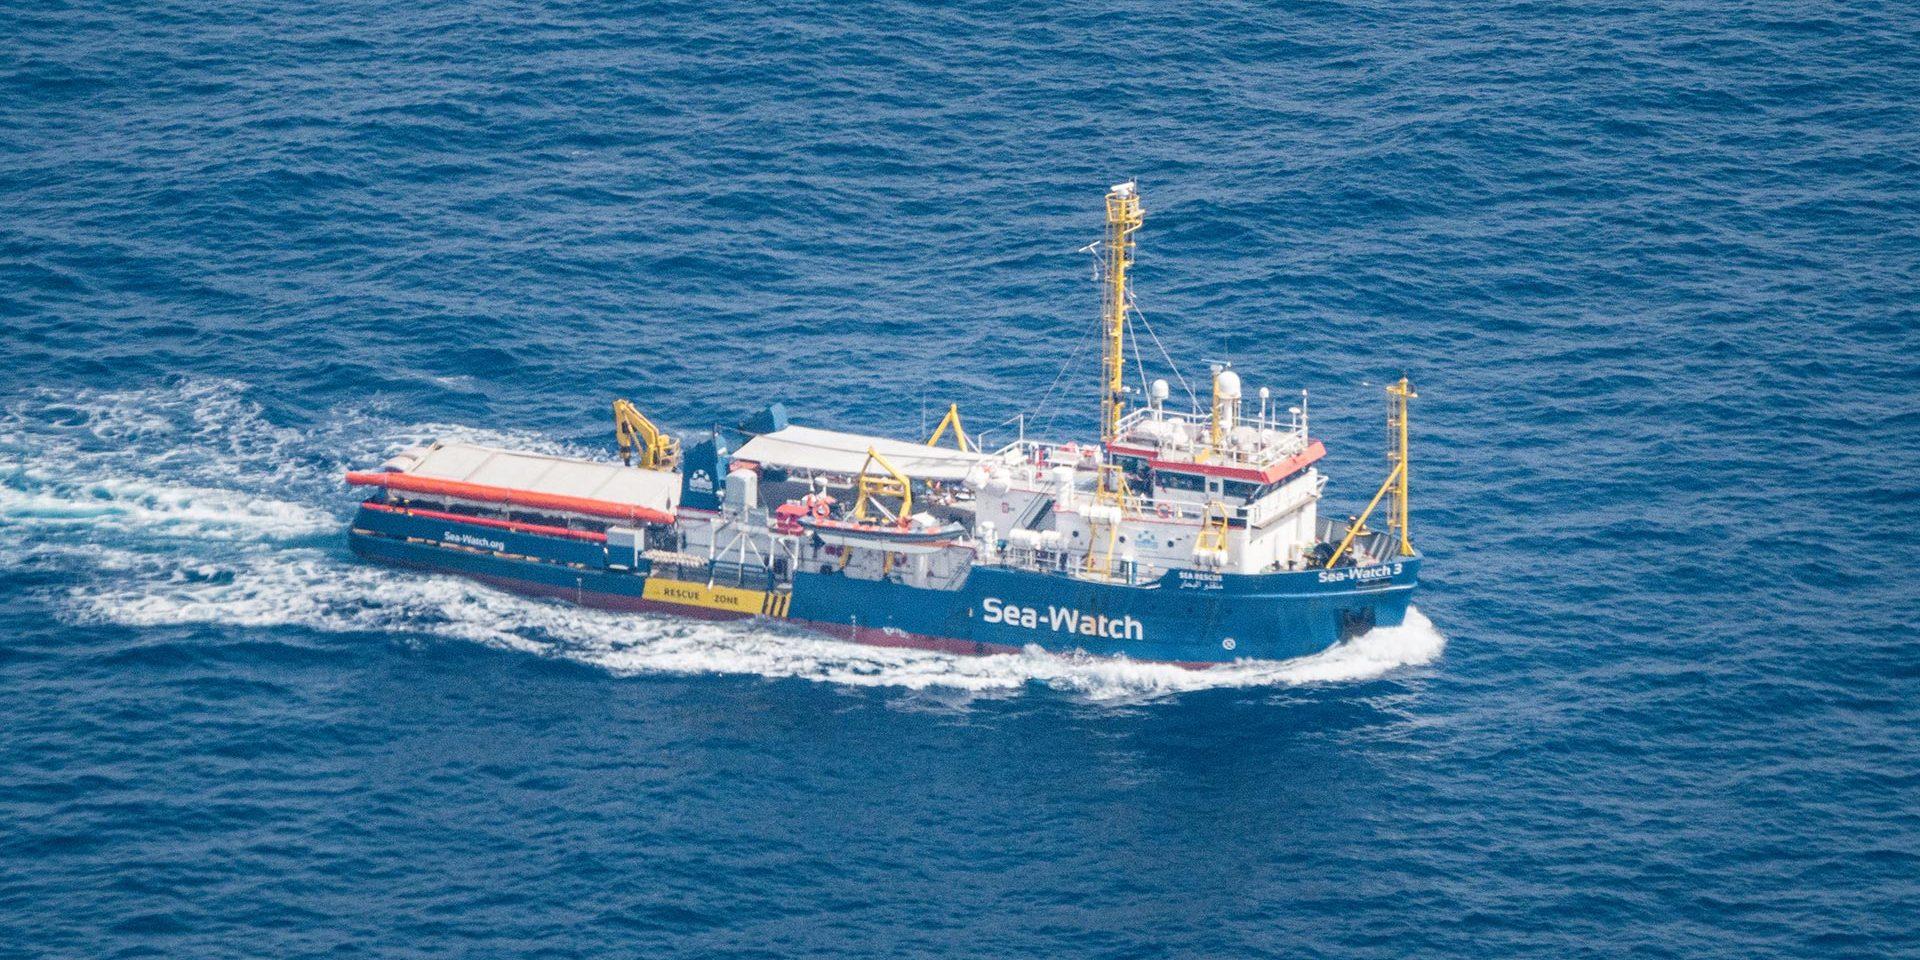 Für die Rechte von Geflüchteten, Seenotrettung ist kein Verbrechen